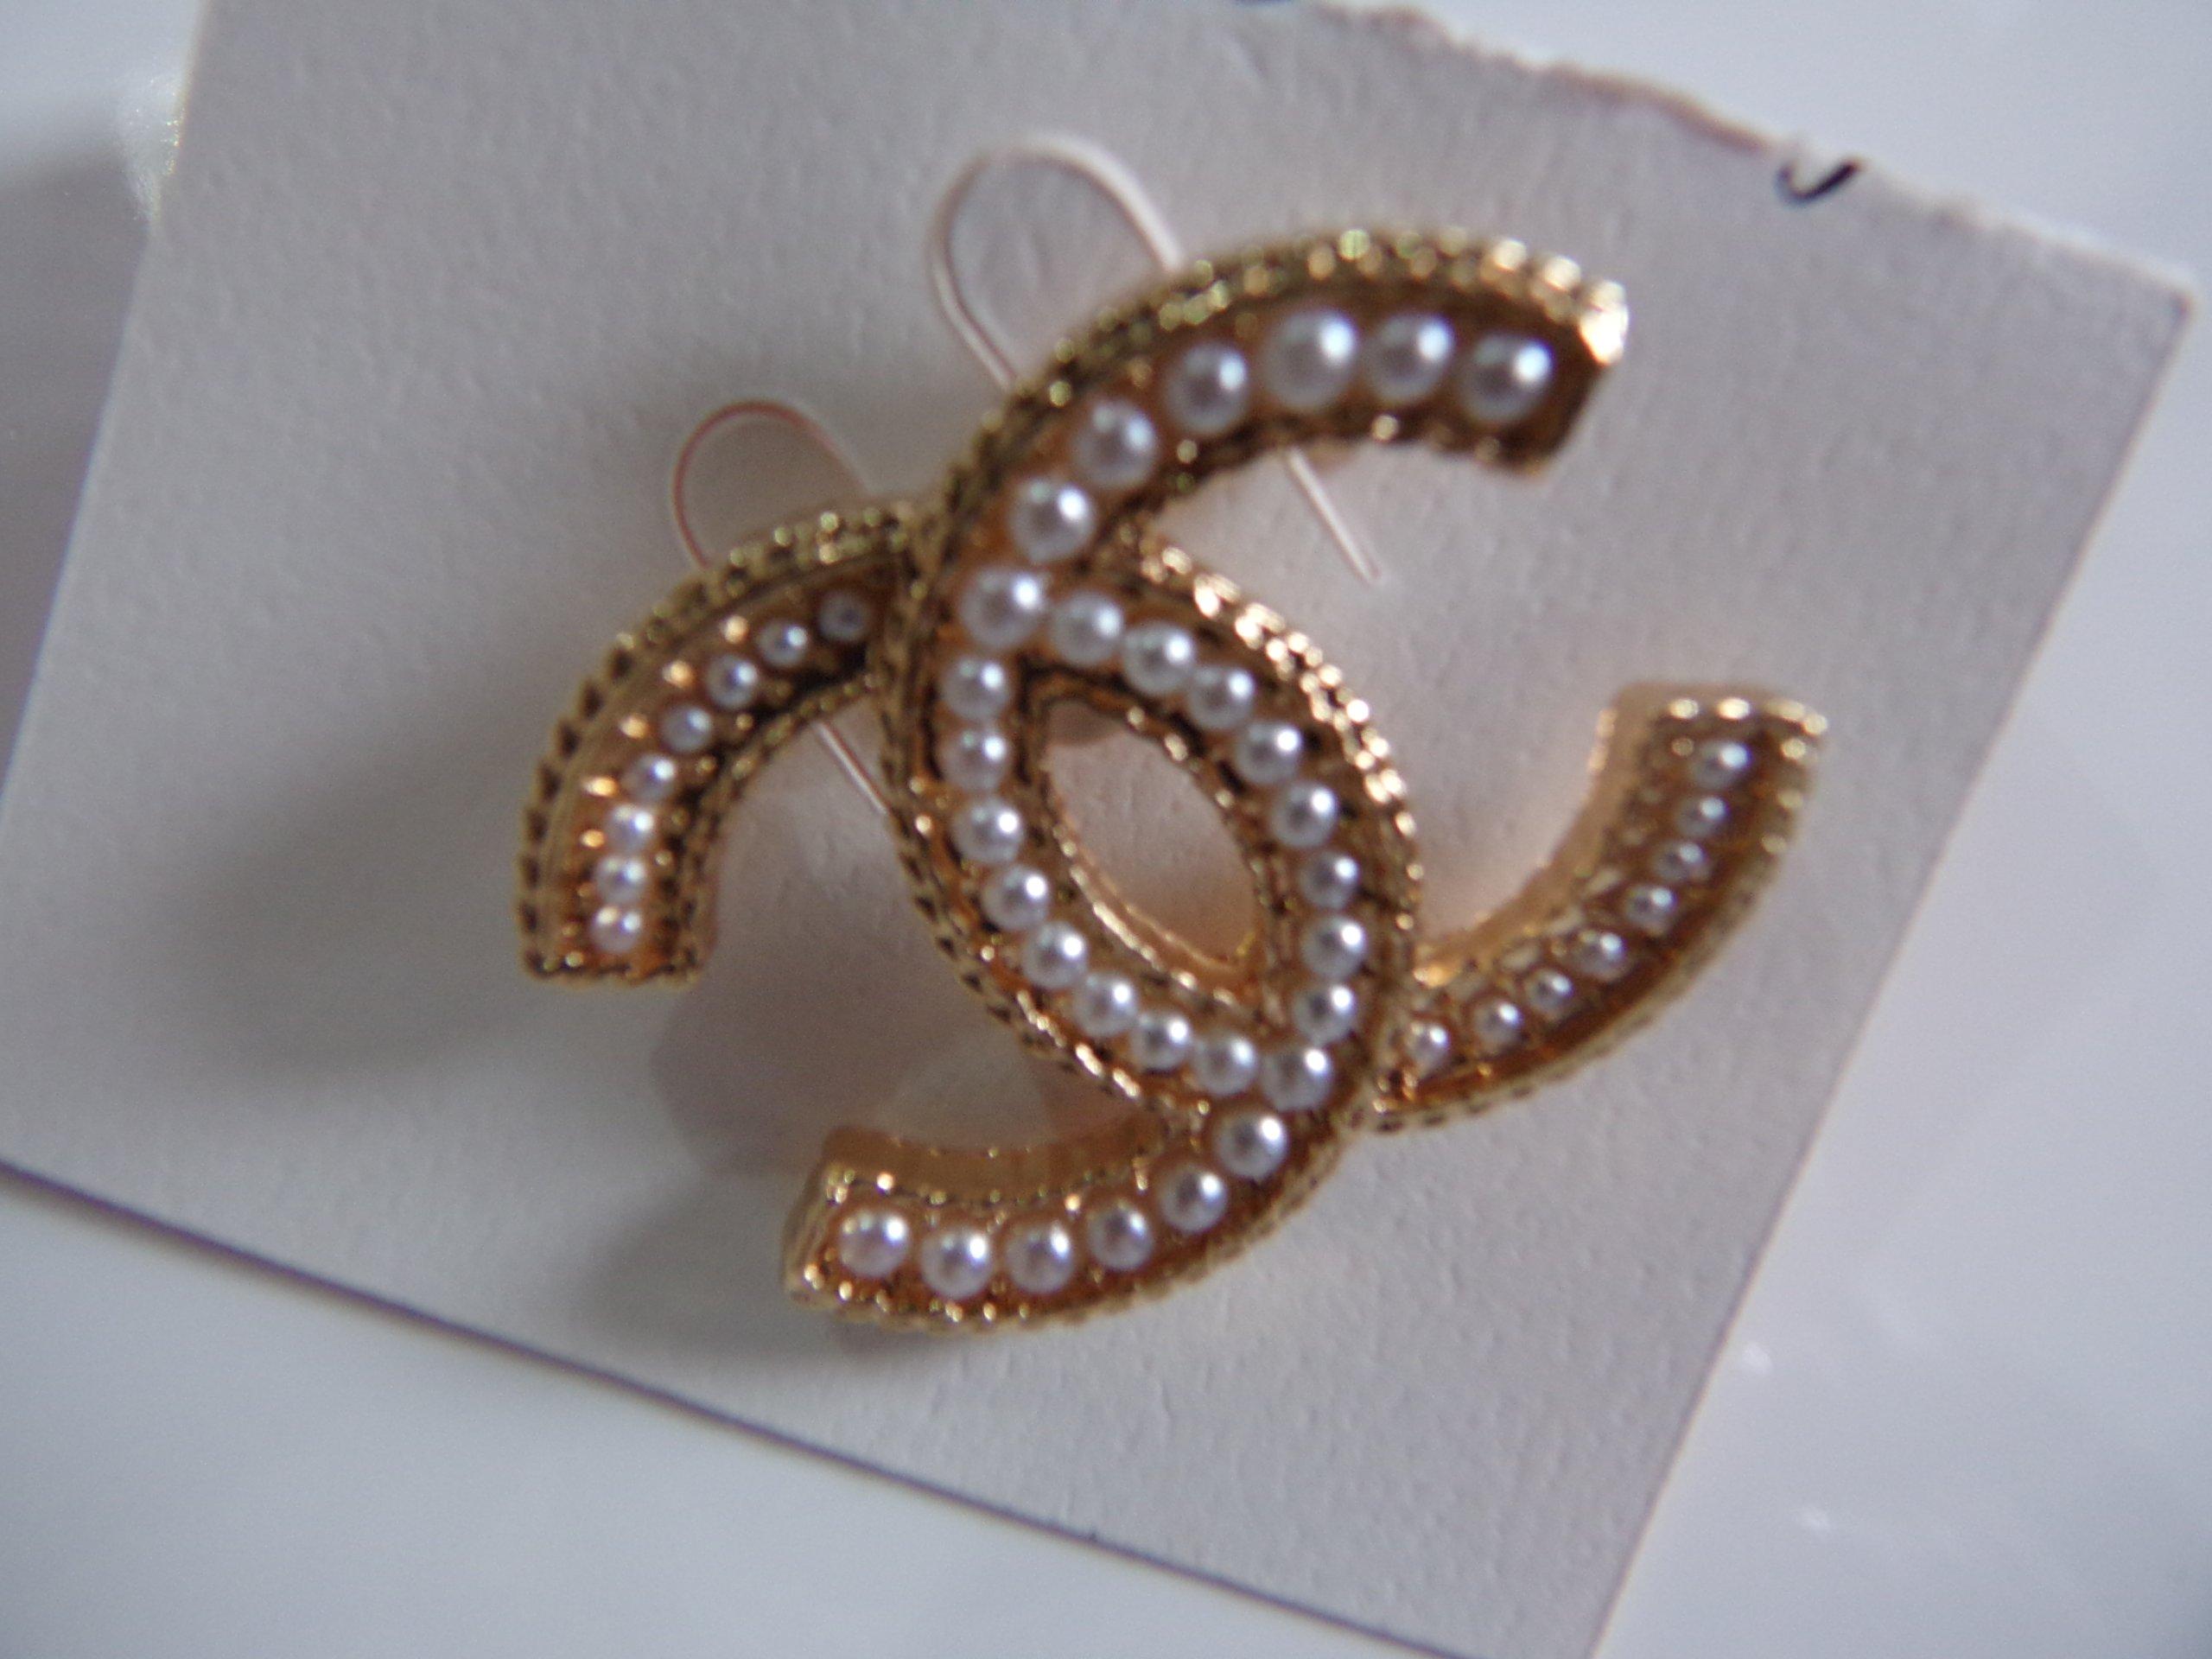 f4f3b28a0ea2d CHANEL broszka złota kamienie cyrkonie okazja - 7412390383 ...